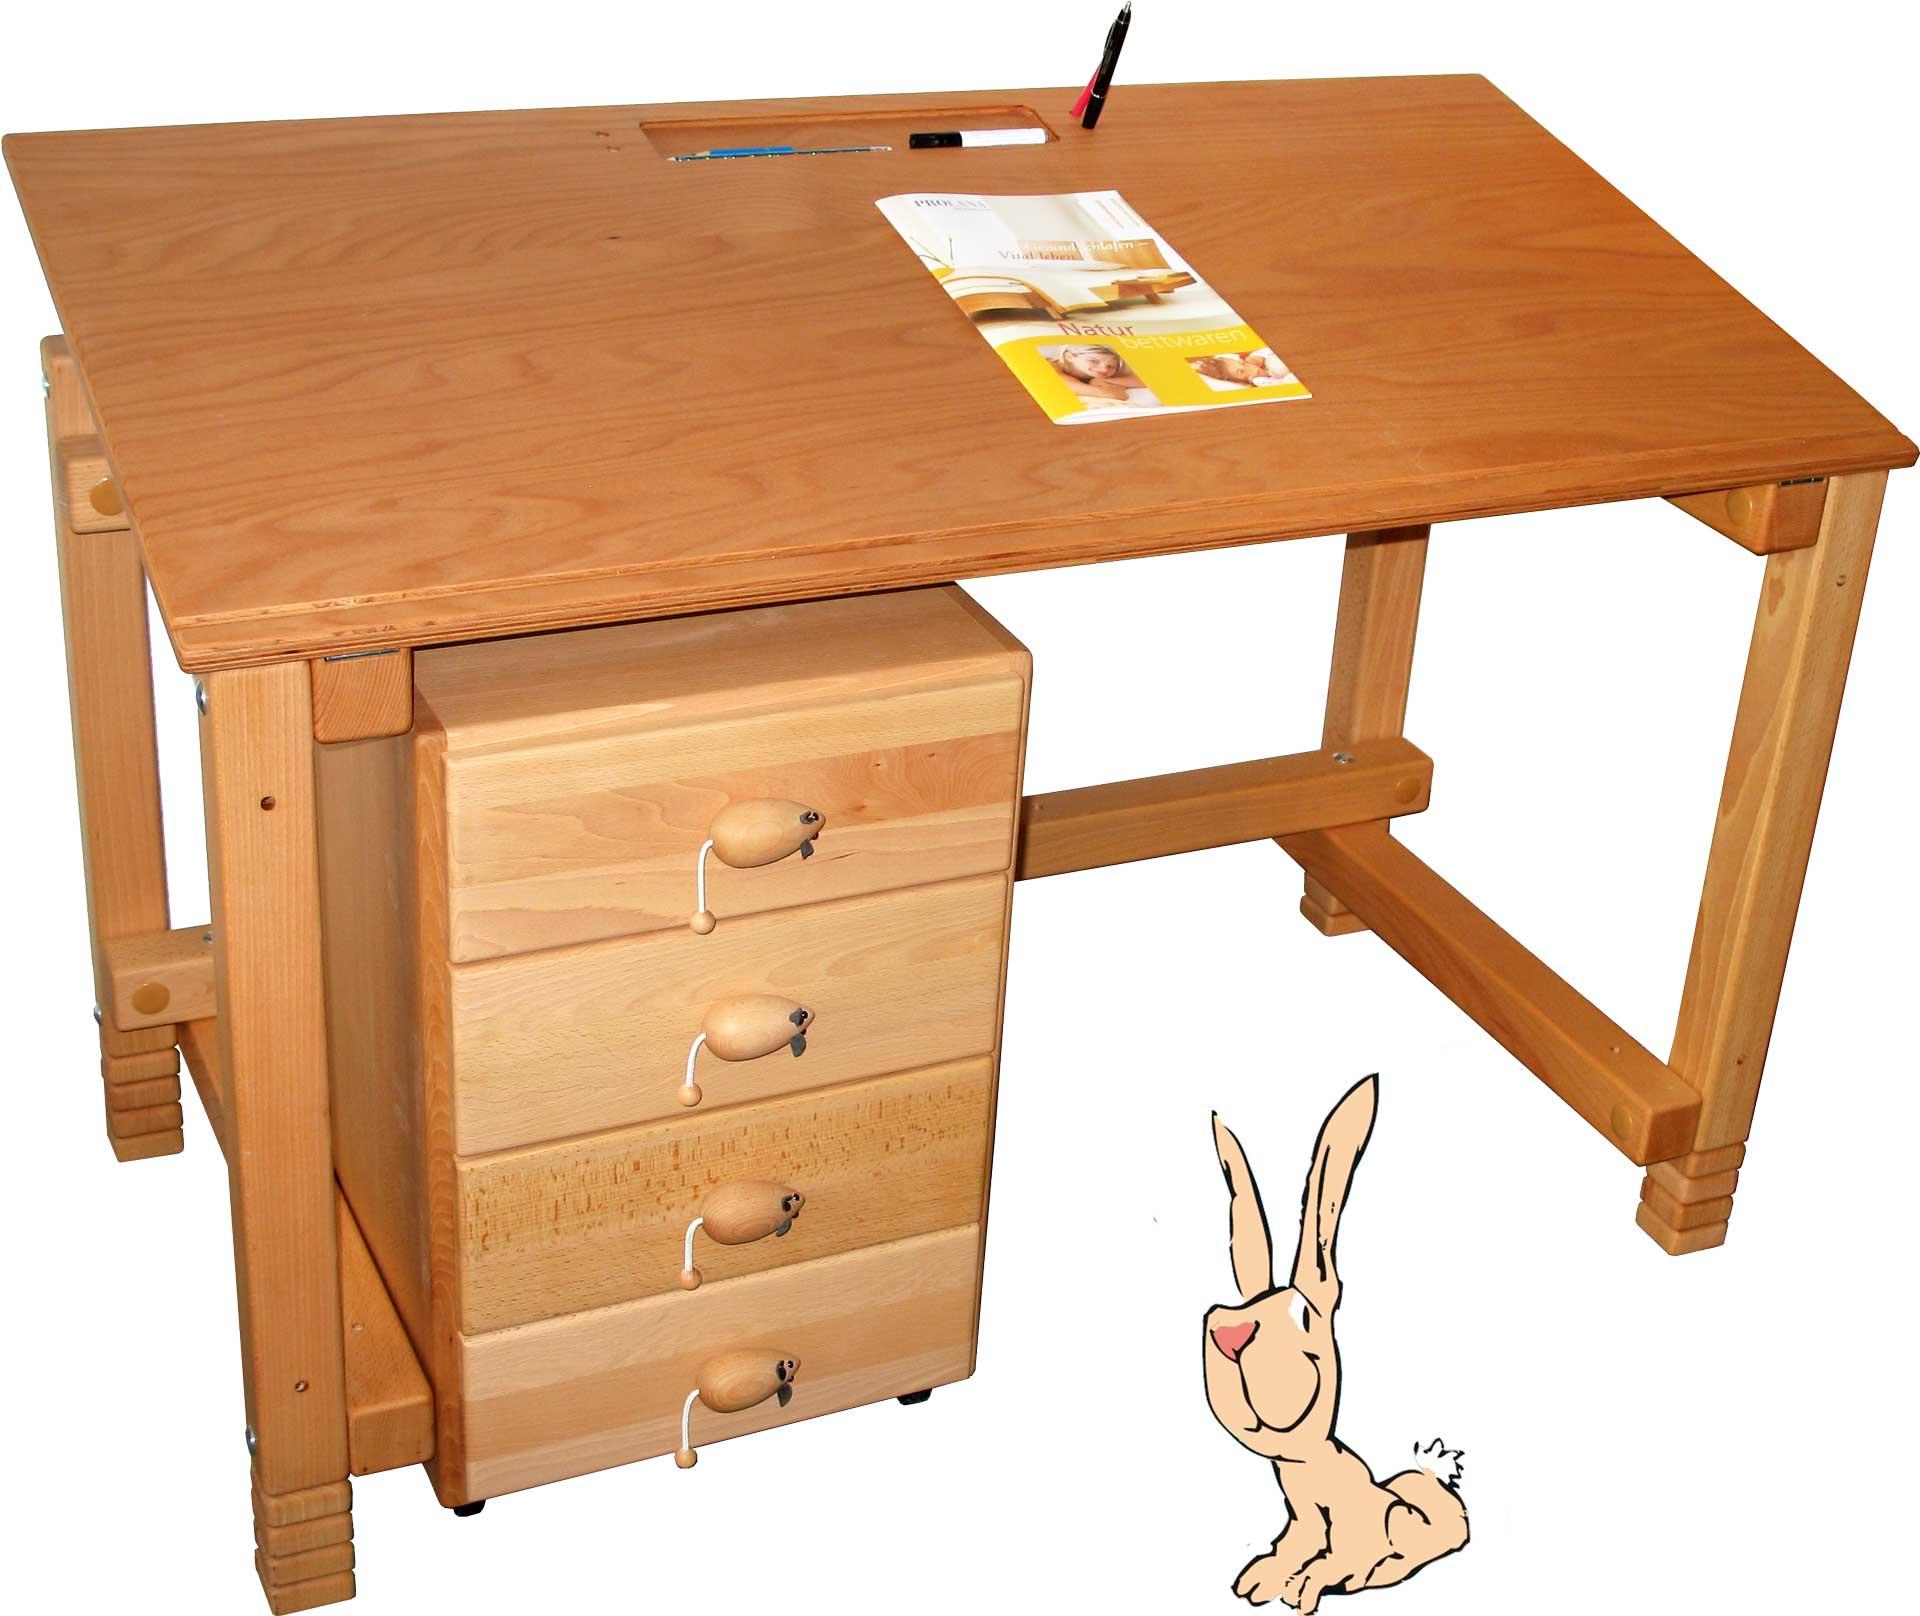 kinderschreib tisch und rollcontainer billi bolli kinderm bel. Black Bedroom Furniture Sets. Home Design Ideas